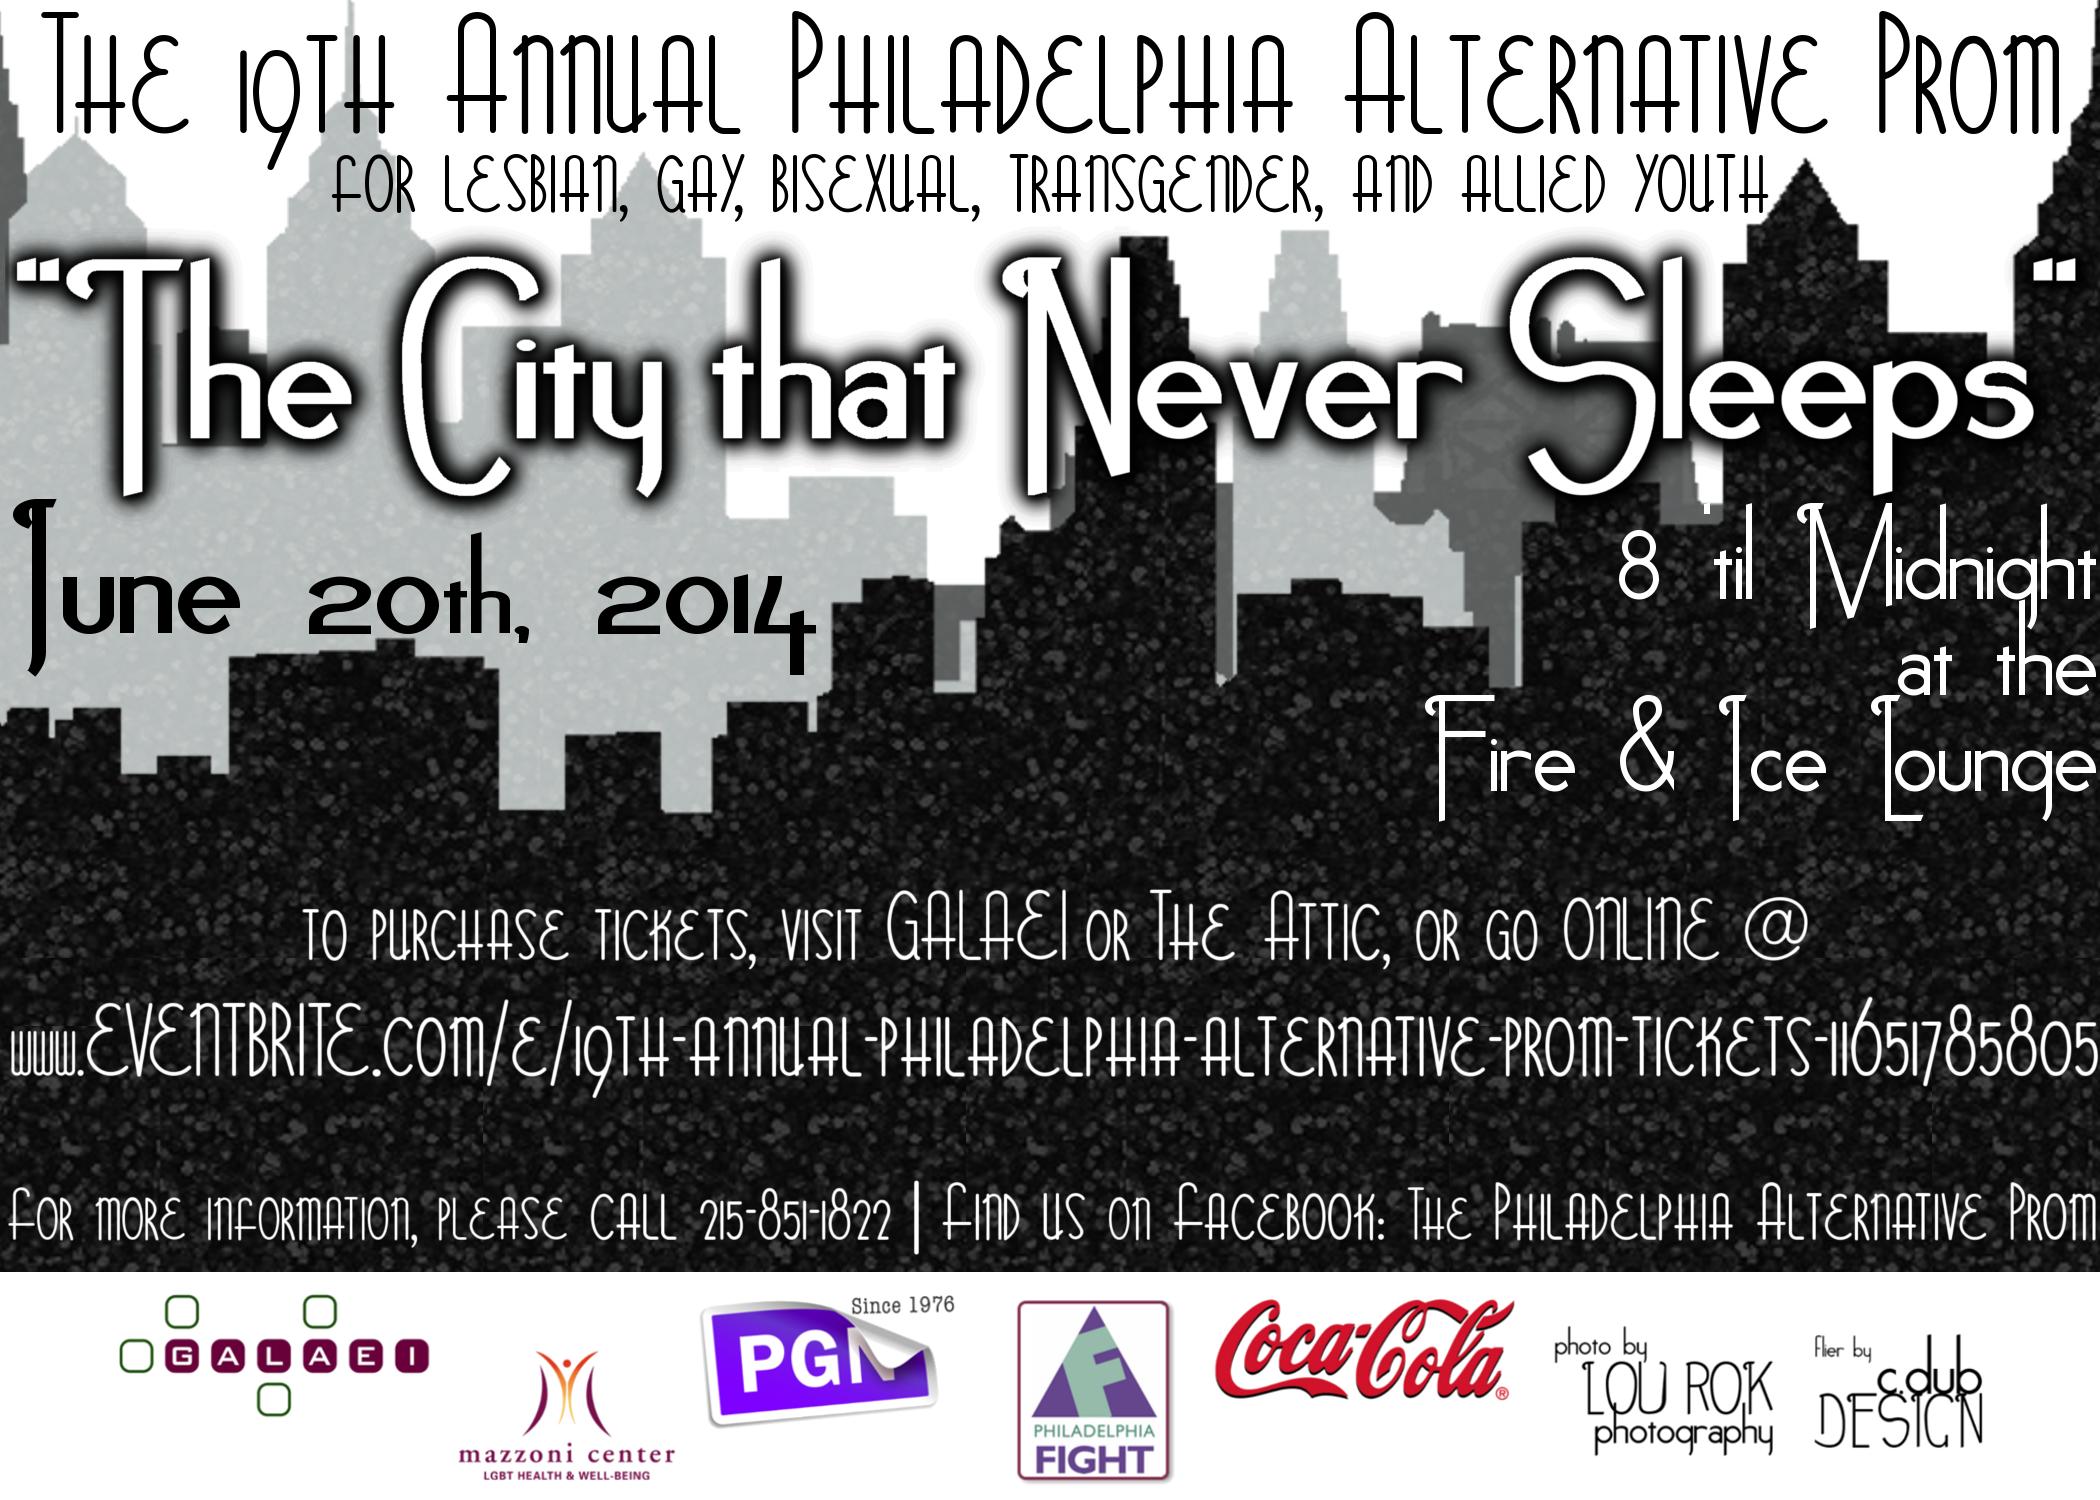 GALAEI Alternative Youth Prom 2014